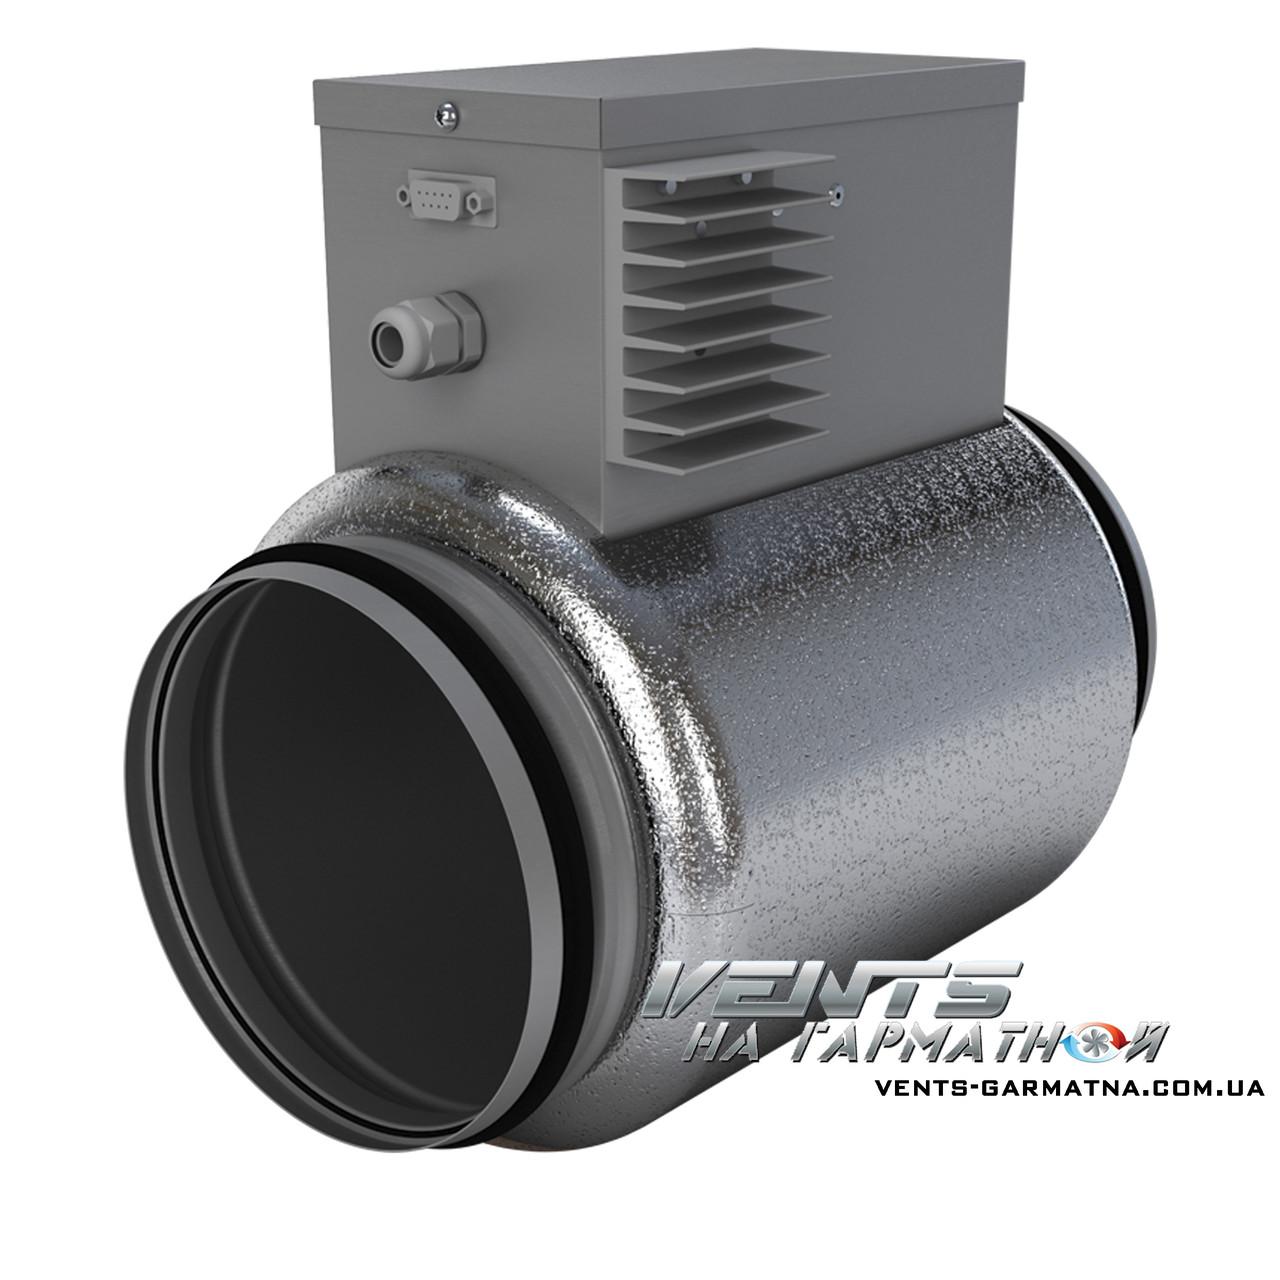 Вентс НКП 160-1,7-1. Нагреватель для защиты рекуператора от обмерзания